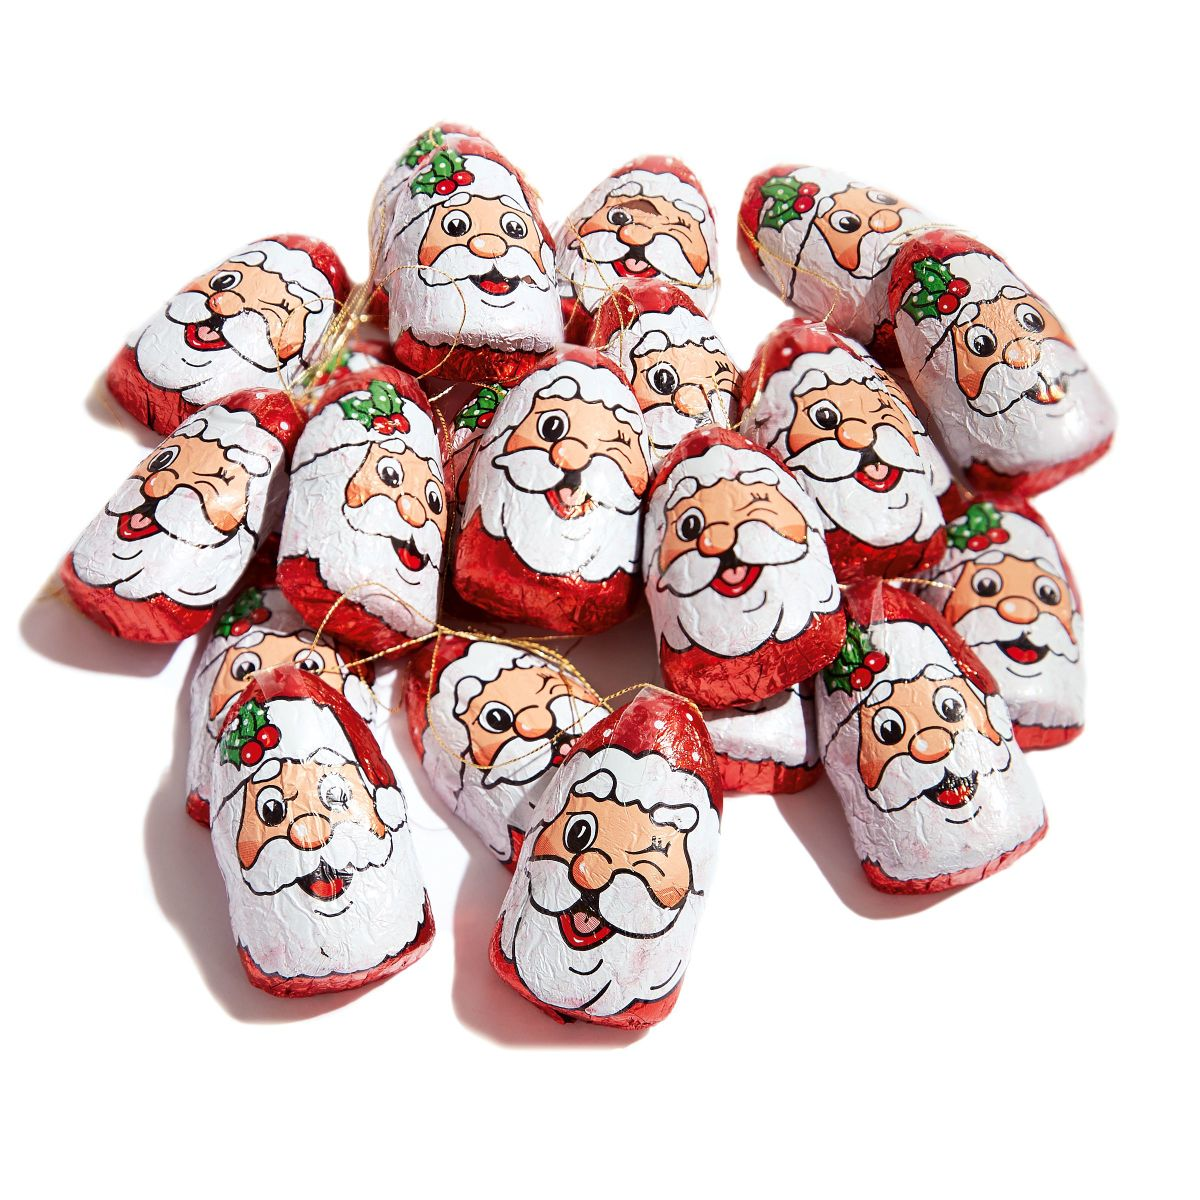 tannenbaumh nger schoko weihnachtsm nner 25 tlg einfach geschenke. Black Bedroom Furniture Sets. Home Design Ideas